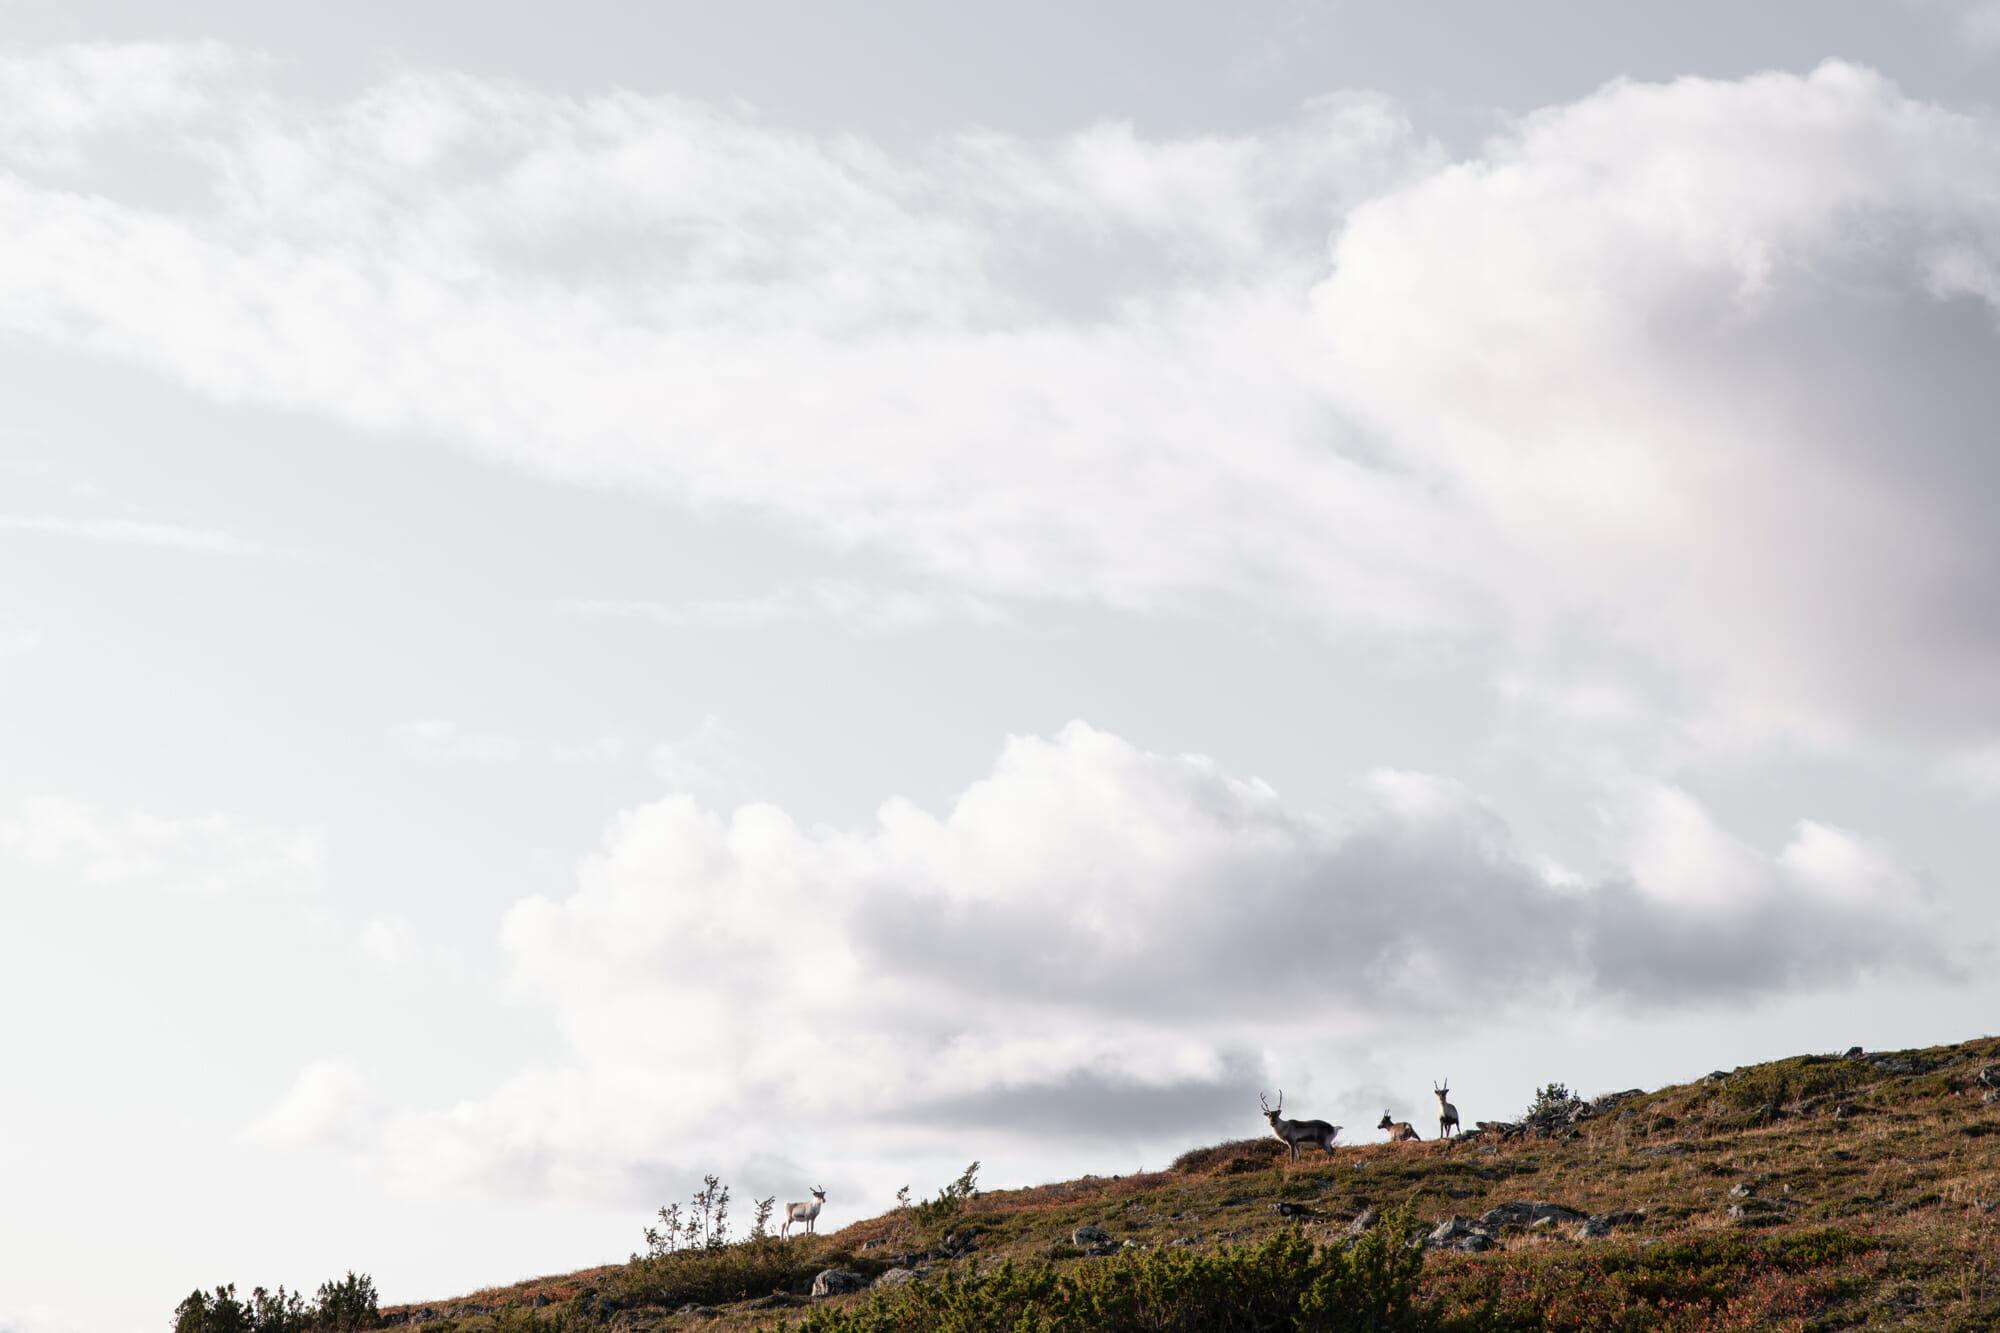 Des rennes sur la crête